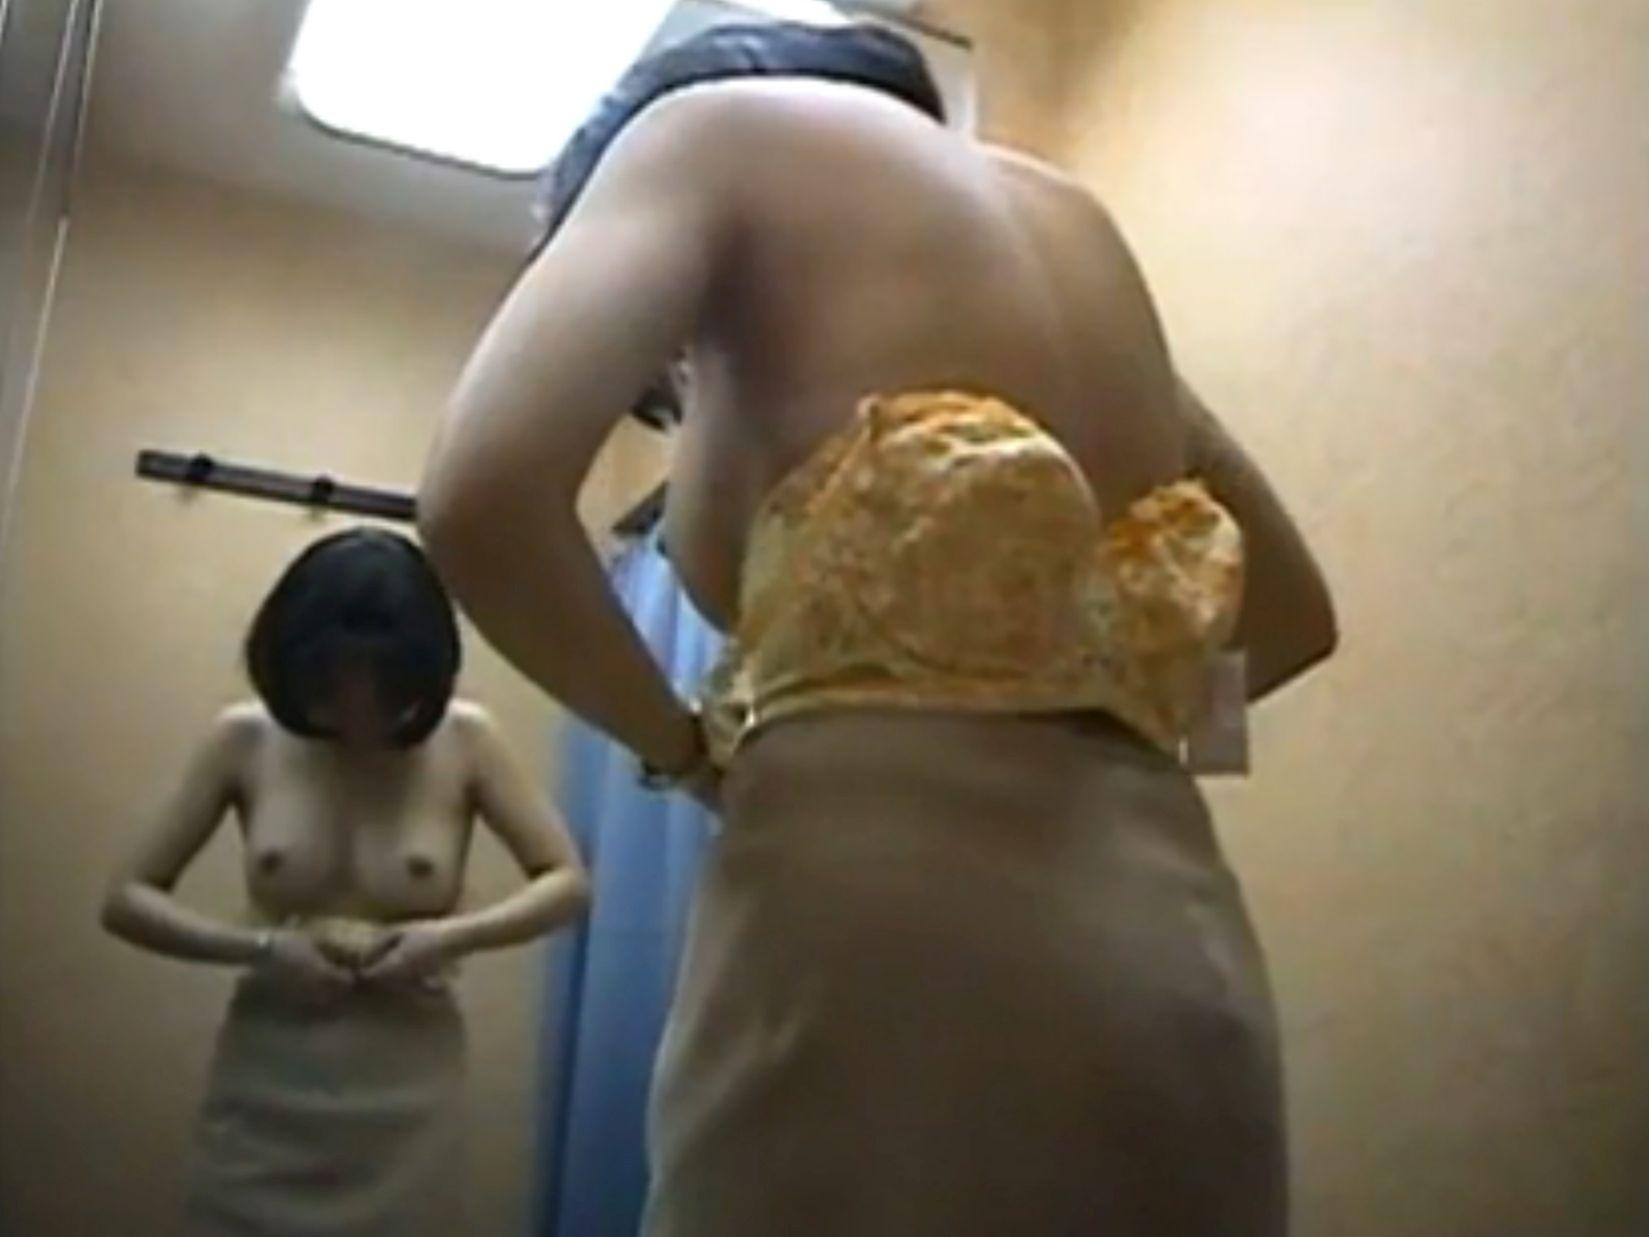 脱衣中の素人女子 (7)